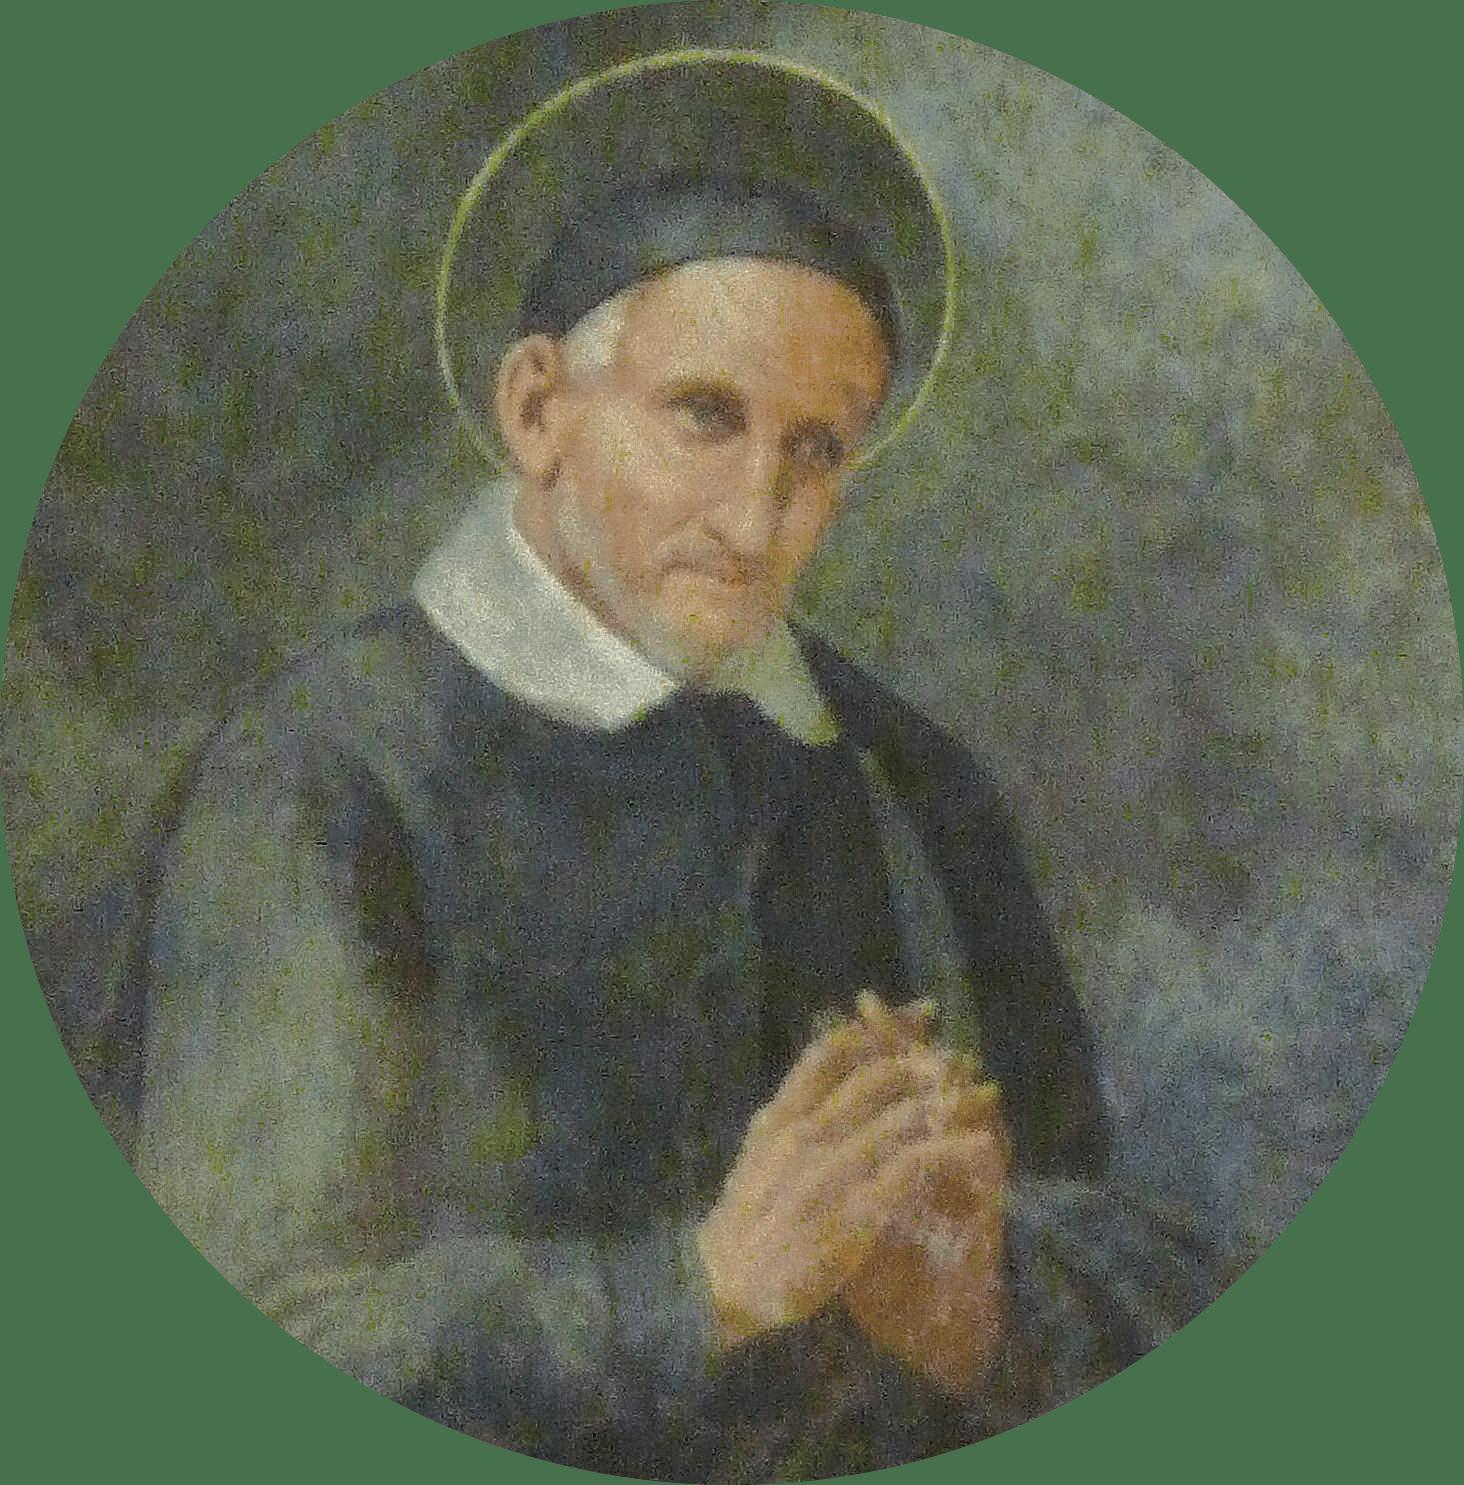 Saint Vincent de Paul (1581-1661)